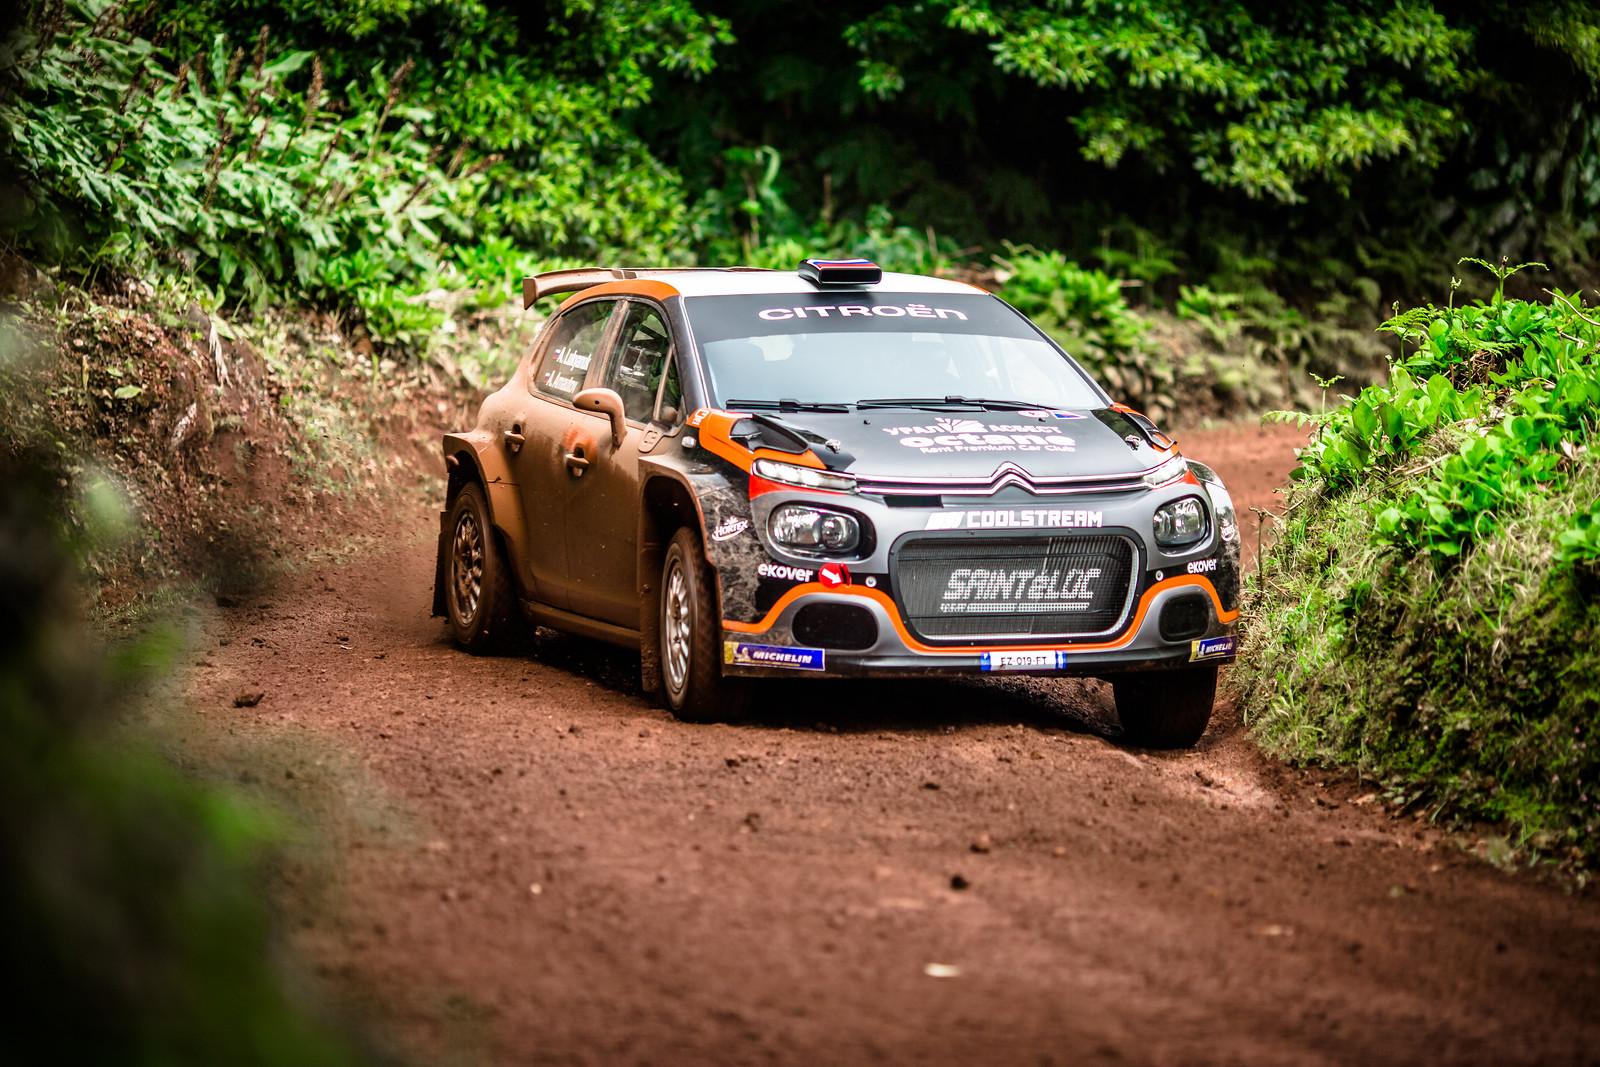 Alexey Lukyanuk - Testy Rally Azories 2019 - Testy przed Rajdem Azorów